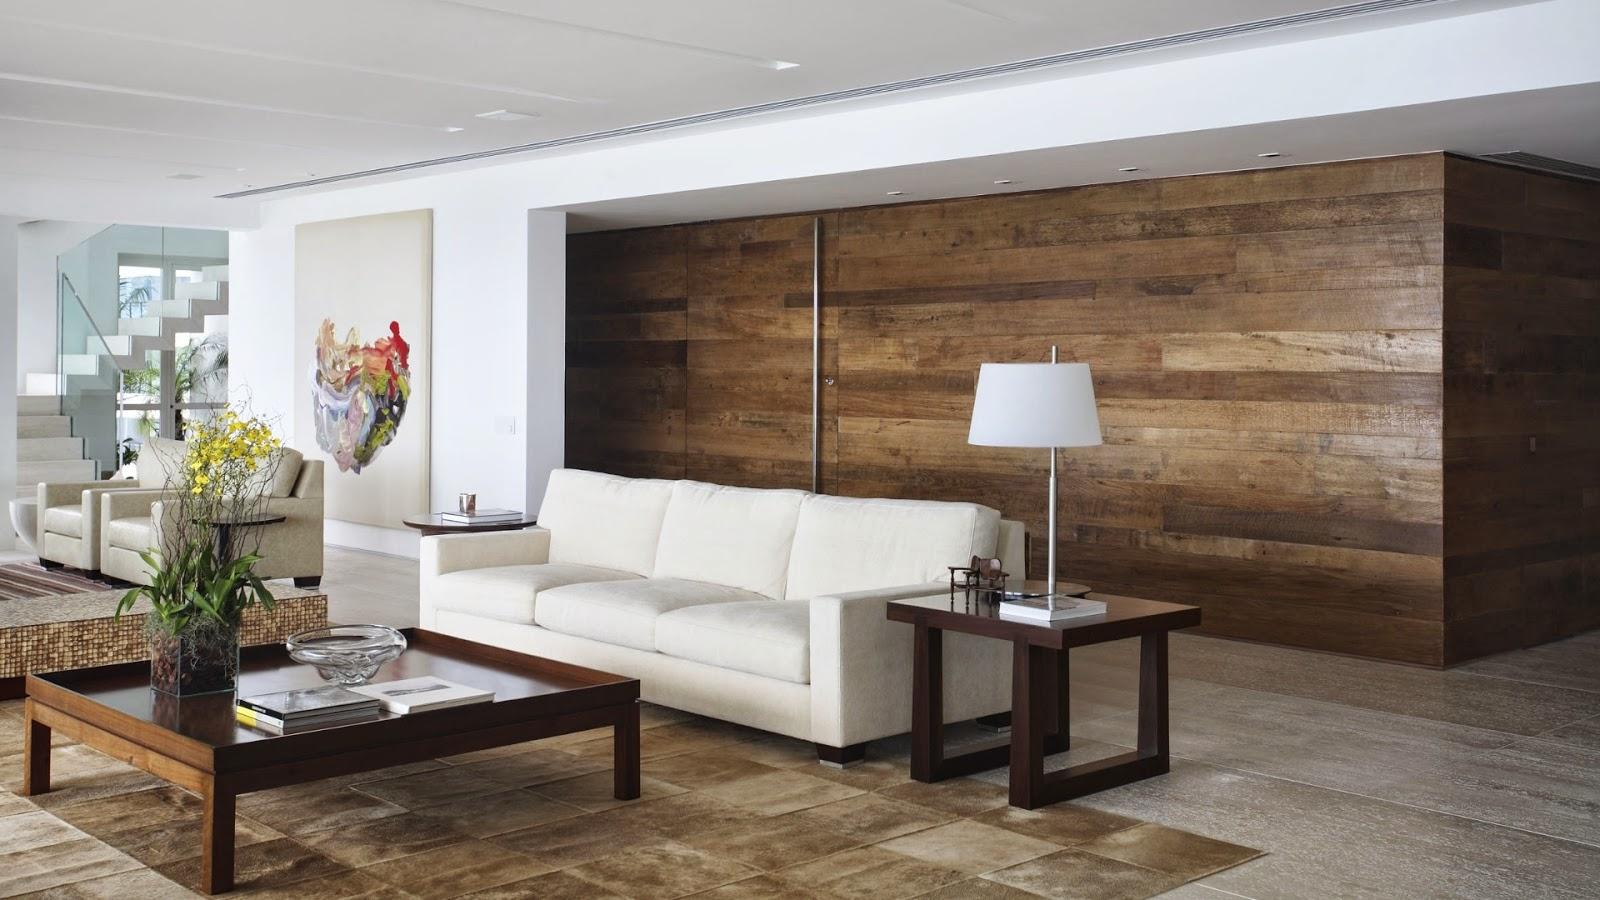 Revestimentos de parede urbanismo arquitetura arte e moda for Revestir paredes interiores